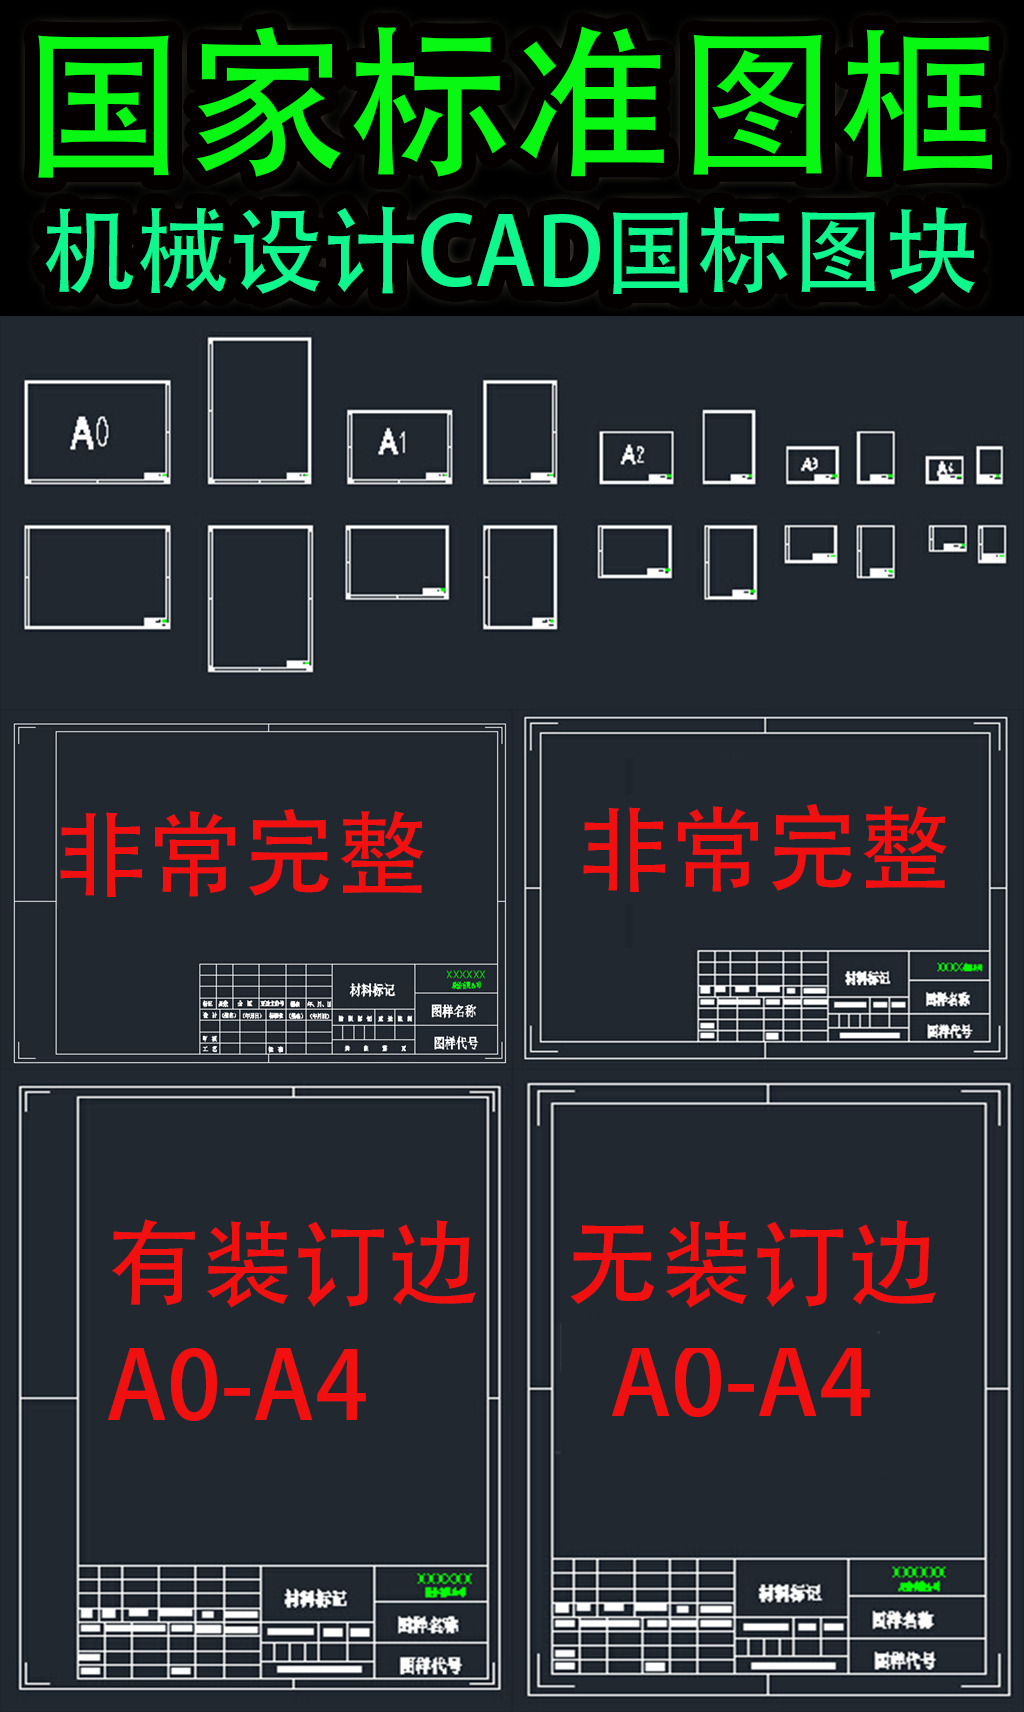 cad制图国家标准图框下载模板下载